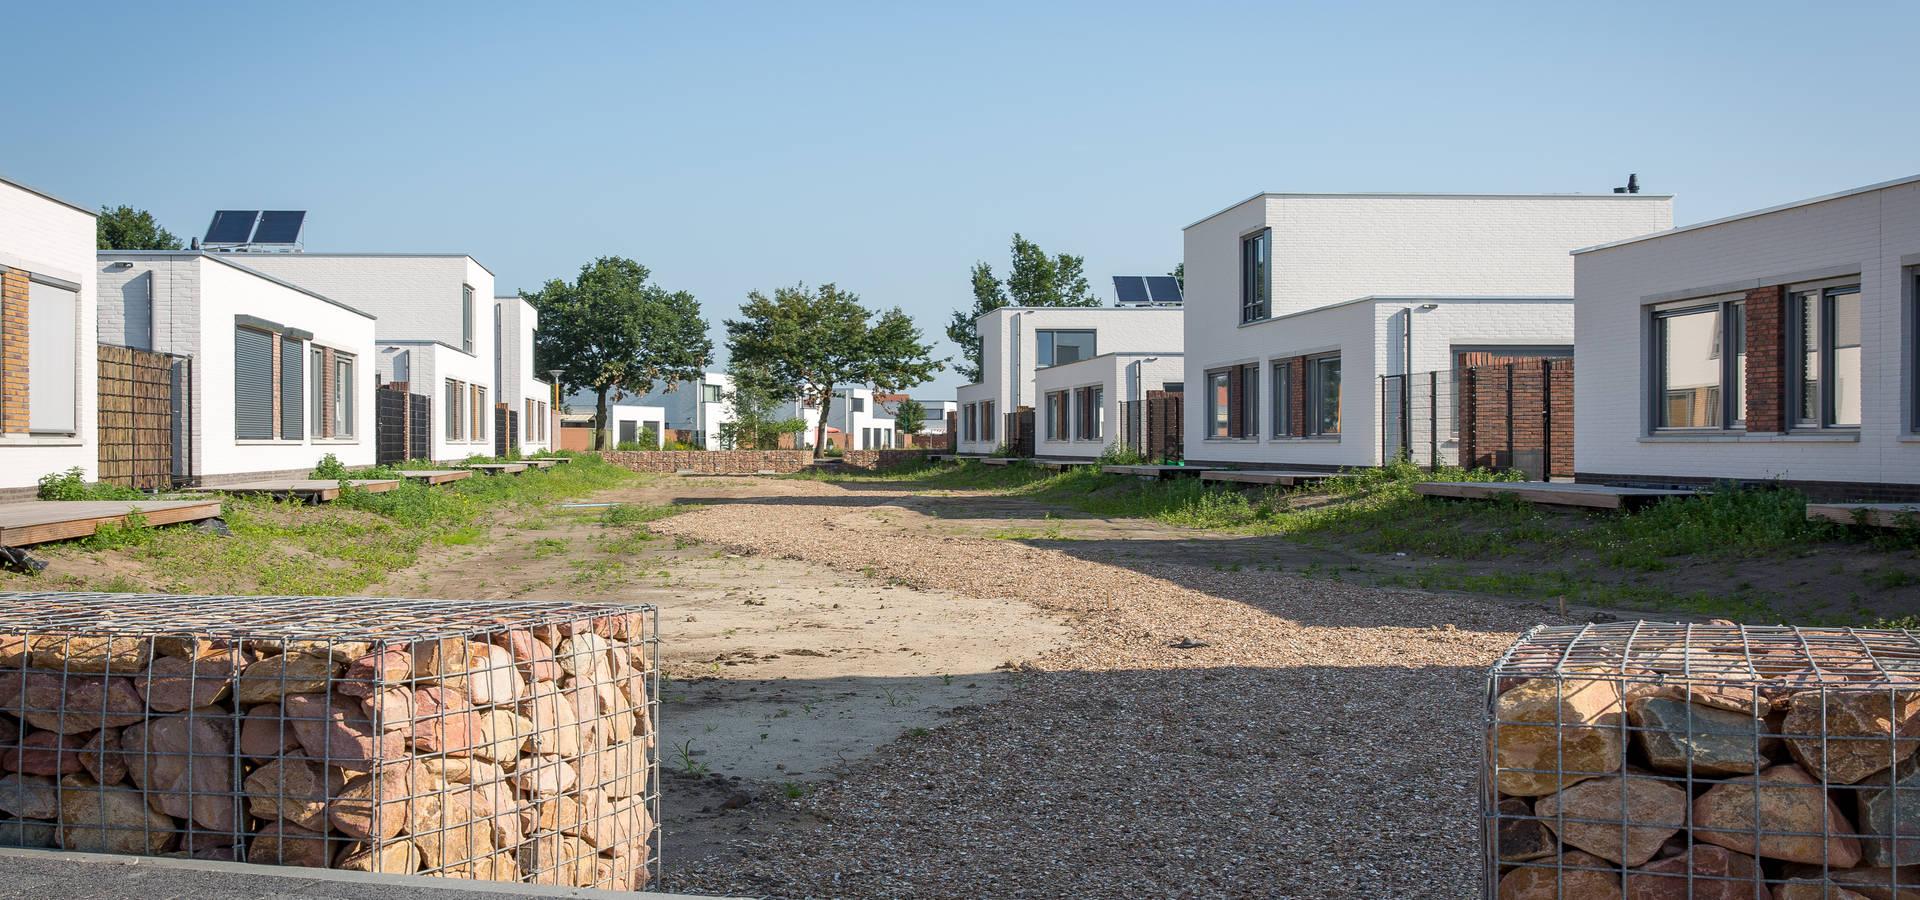 Elemans van den Hork Architecten